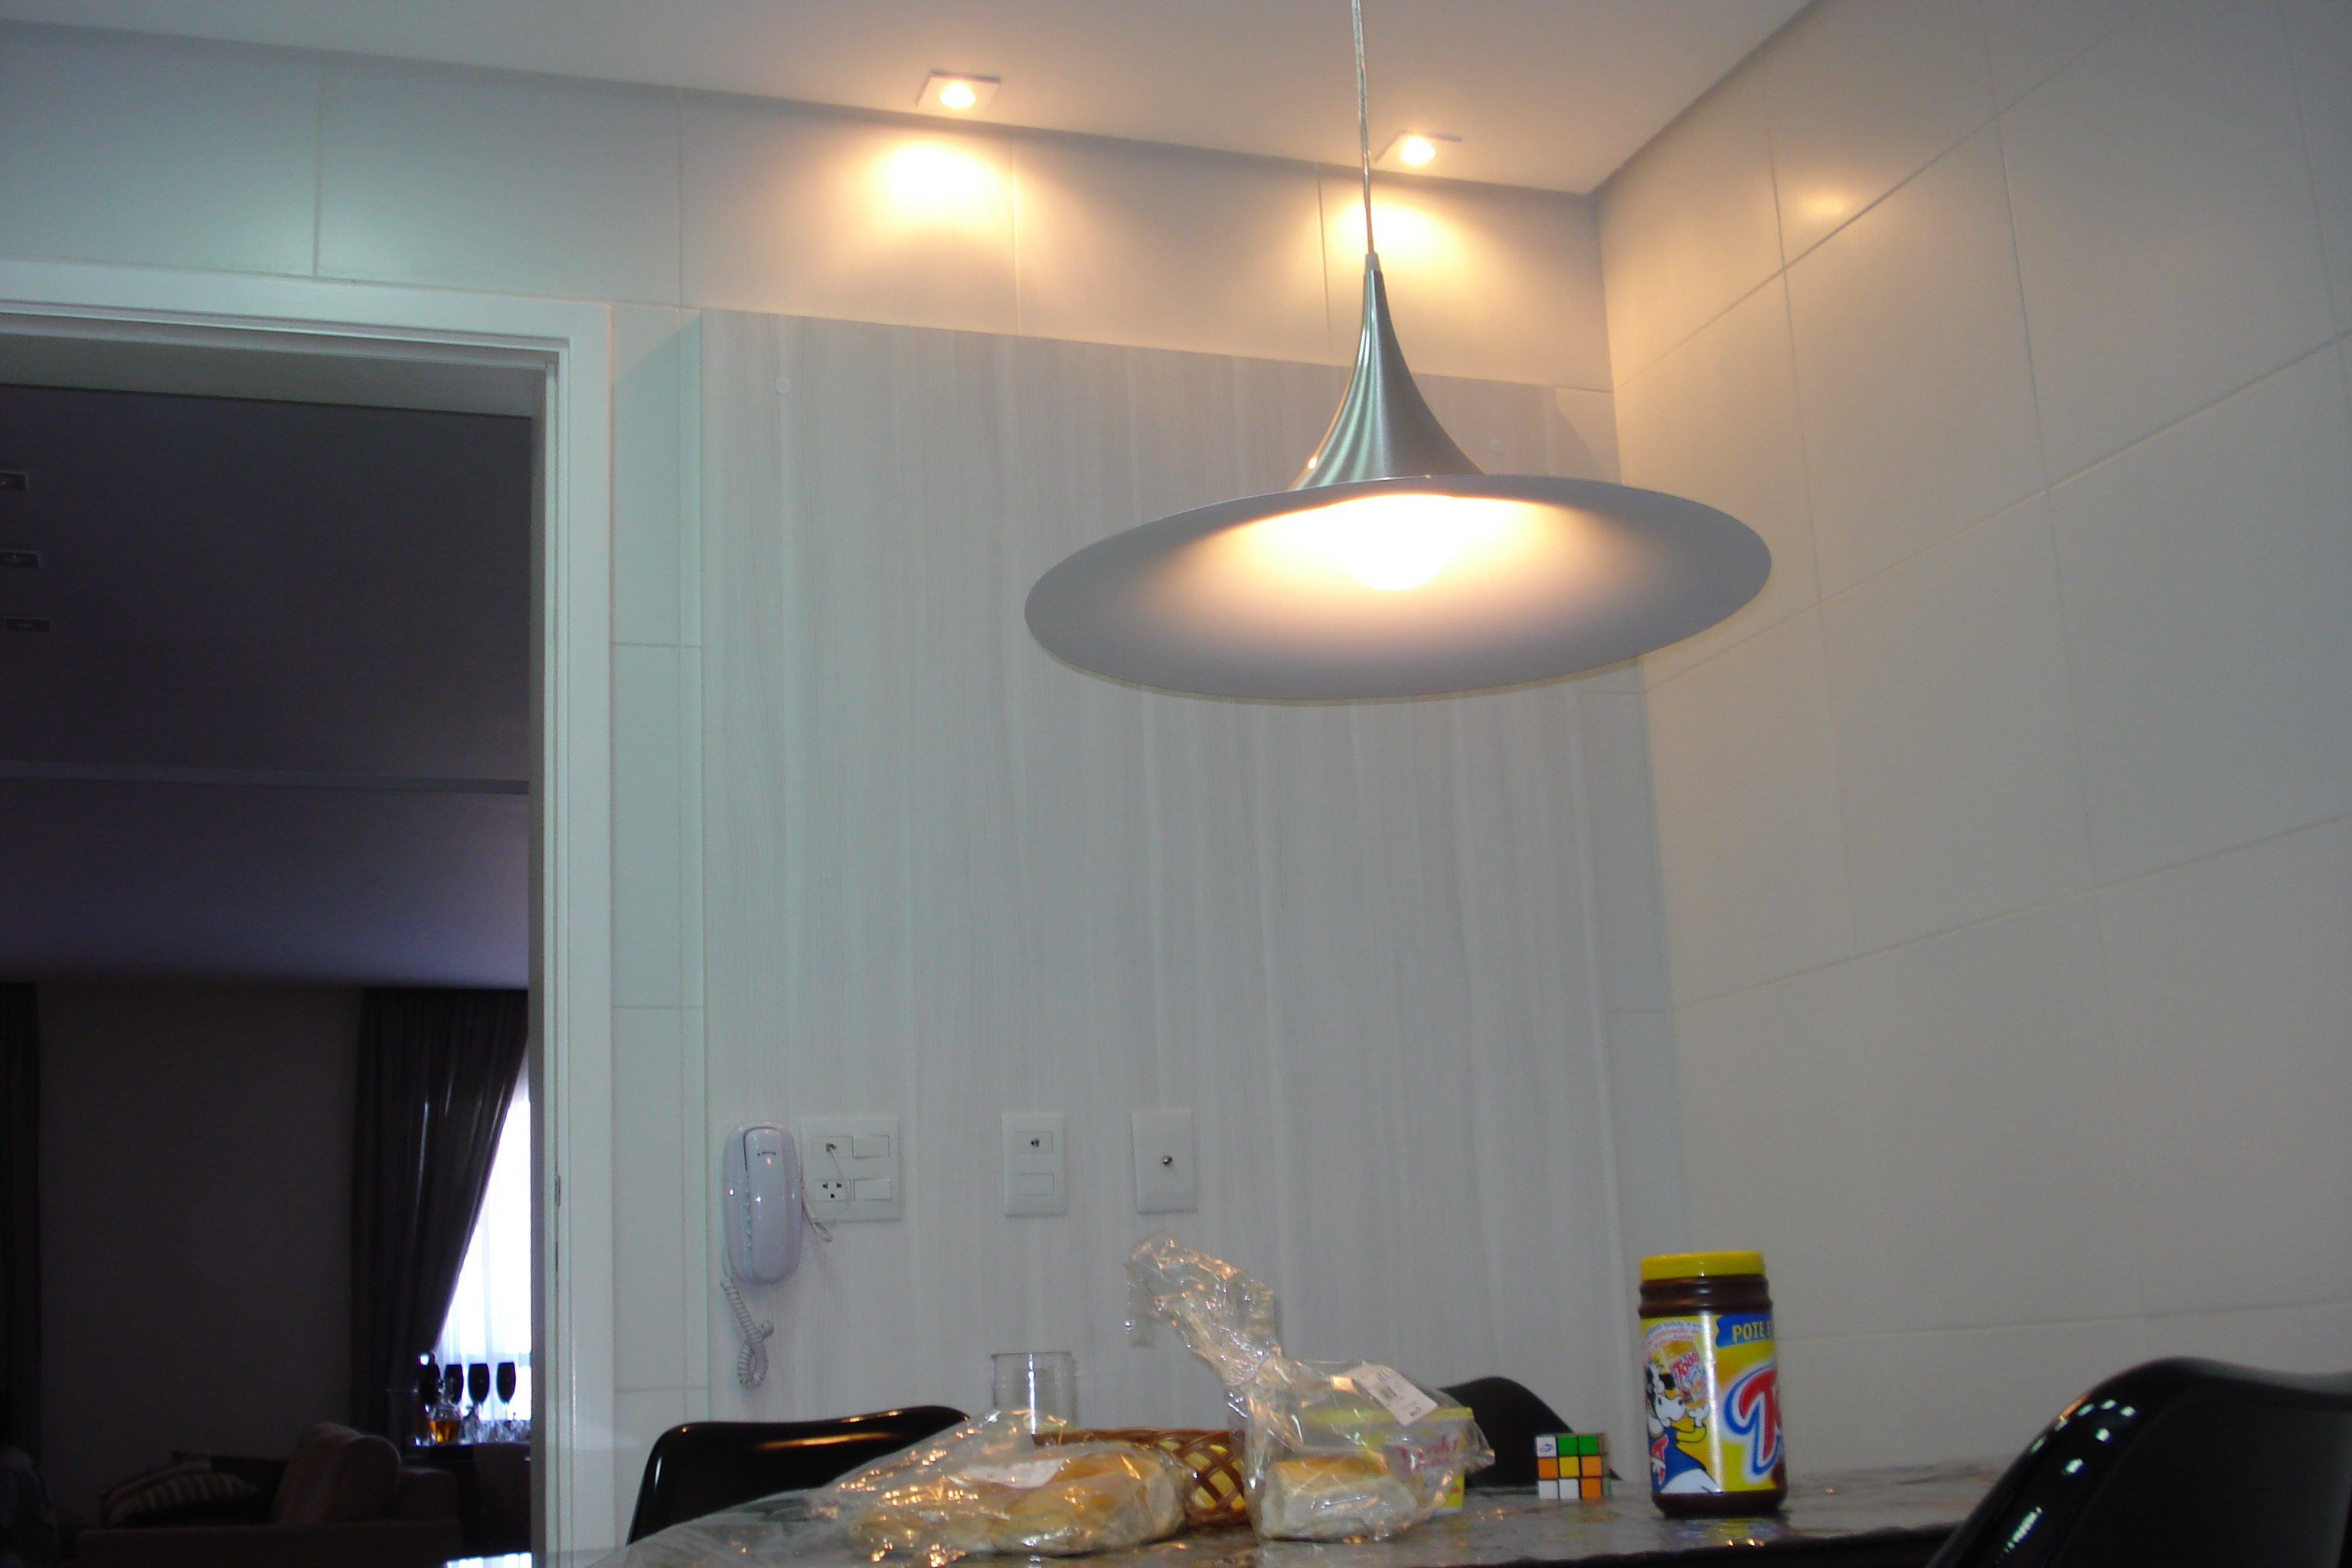 03 - Forro Tabicado + Iluminação